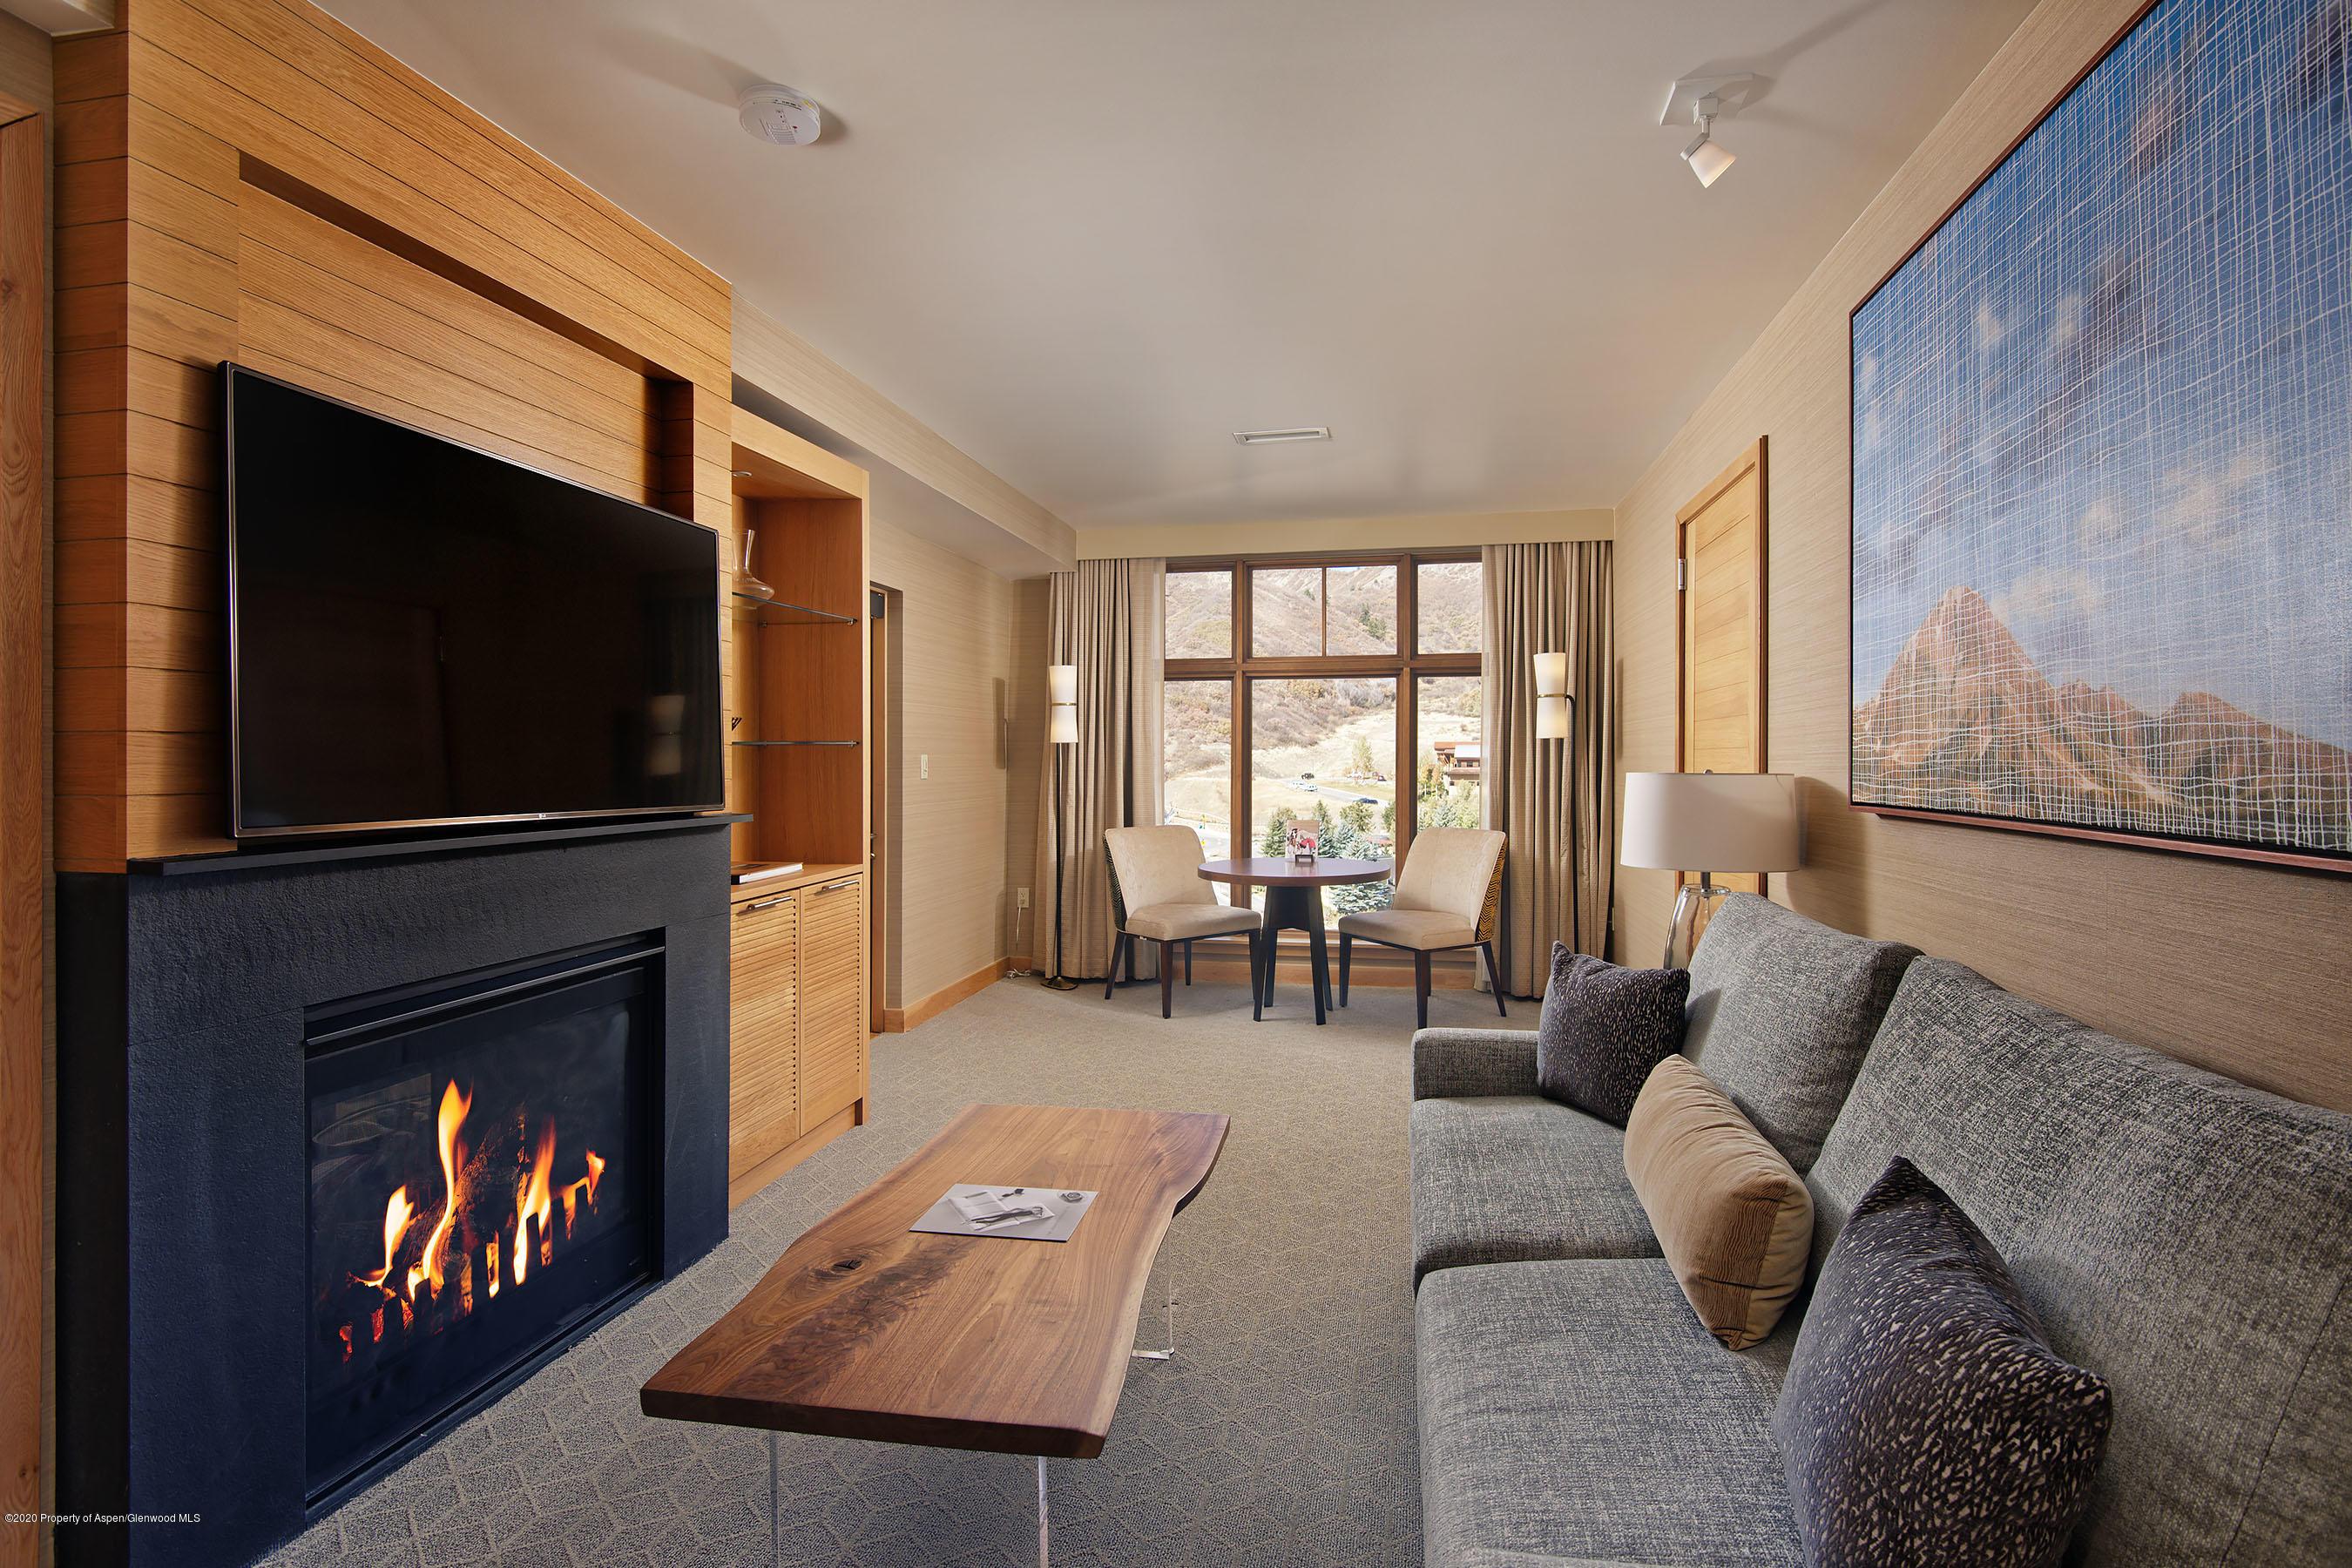 130 Wood Road, 635 - Snowmass Village, Colorado